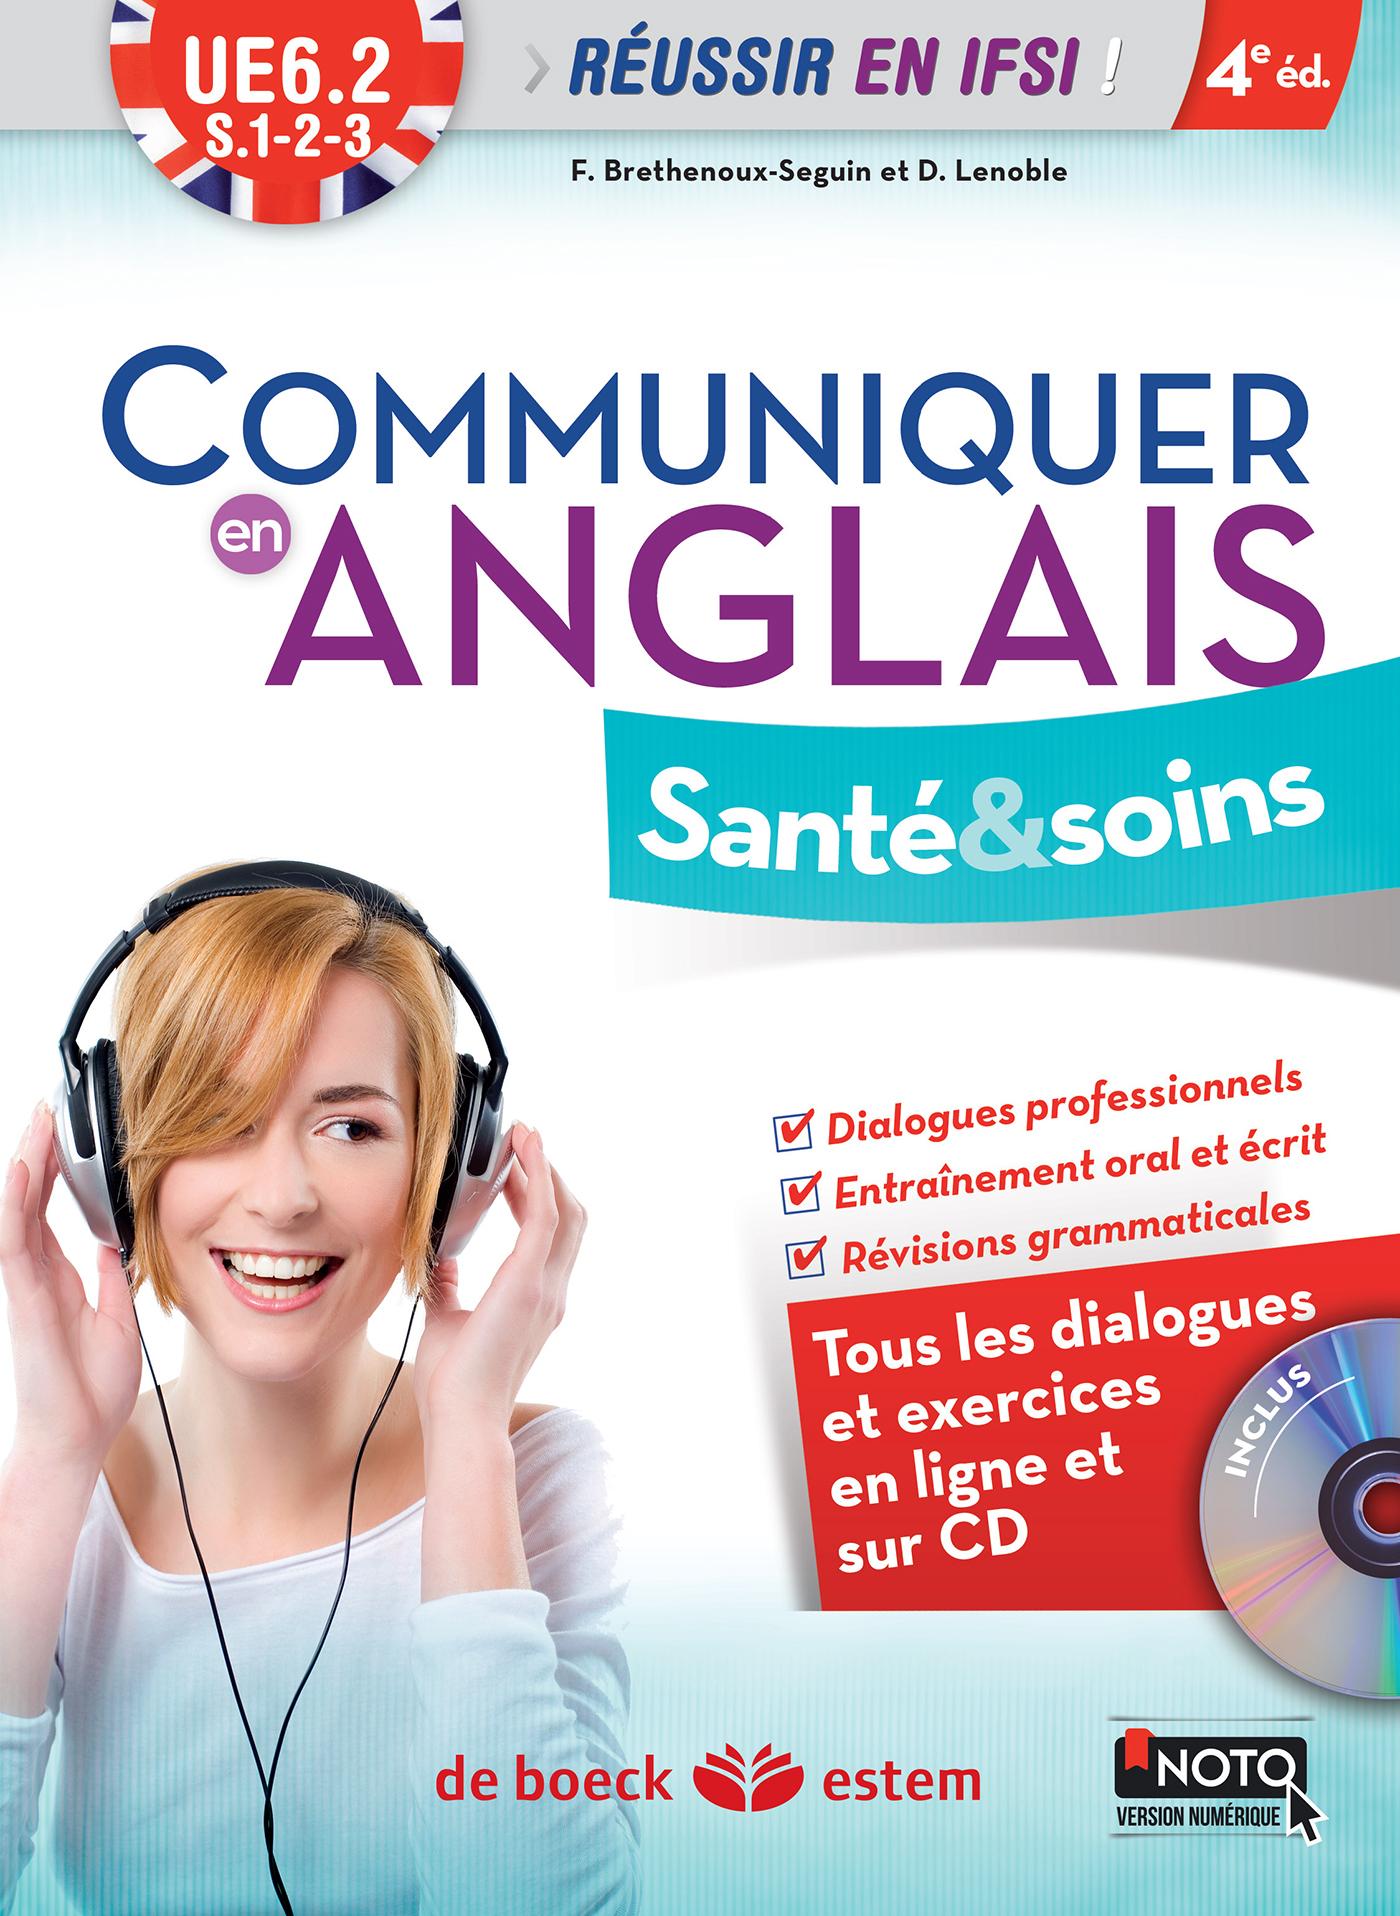 UE 6.2 COMMUNIQUER EN ANGLAIS